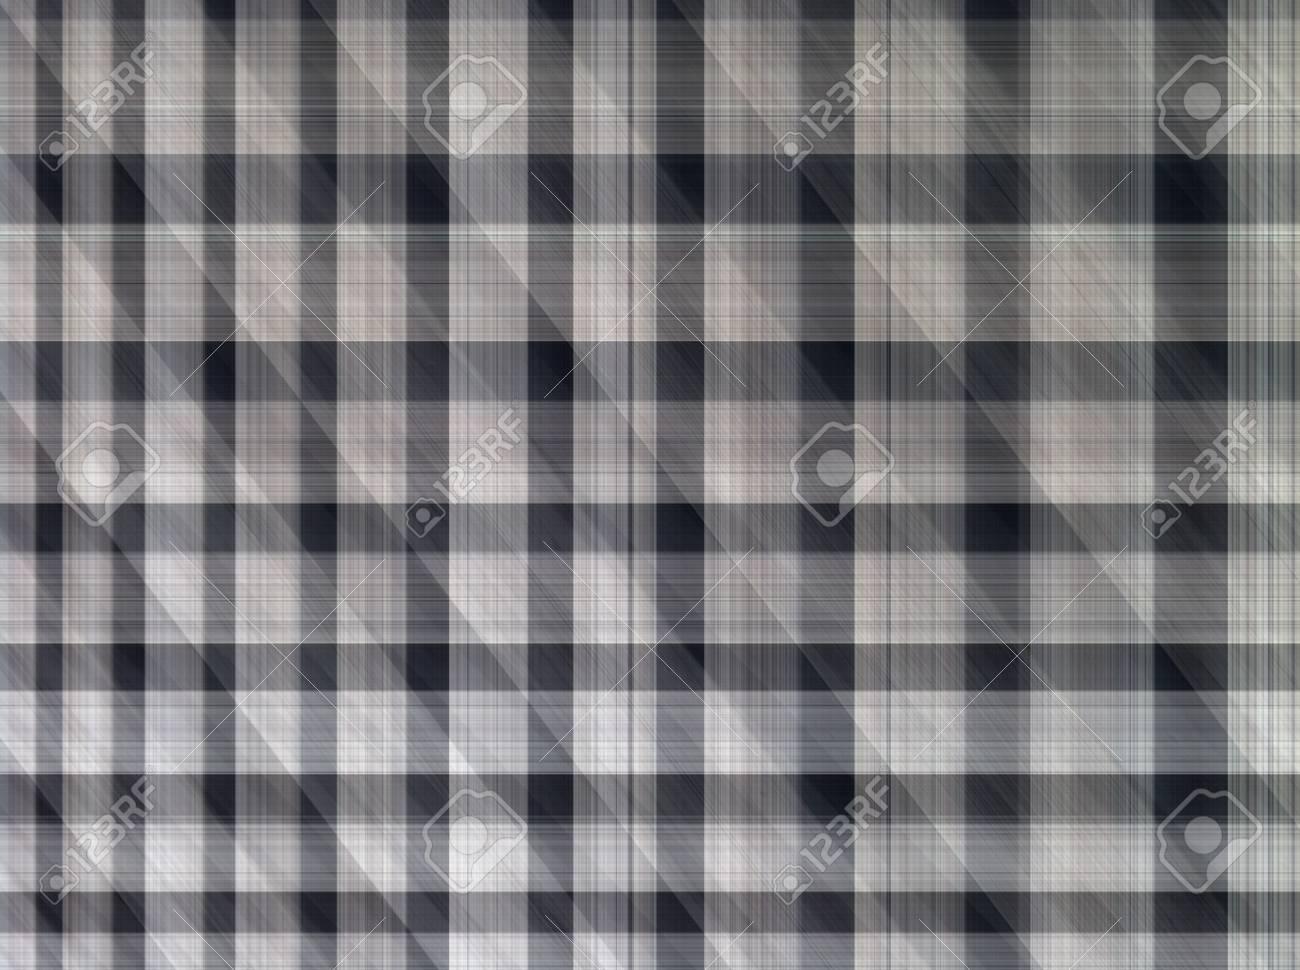 Abstract Fabric Plaid Baumwolle Bunte Textur Hintergrund Lizenzfreie